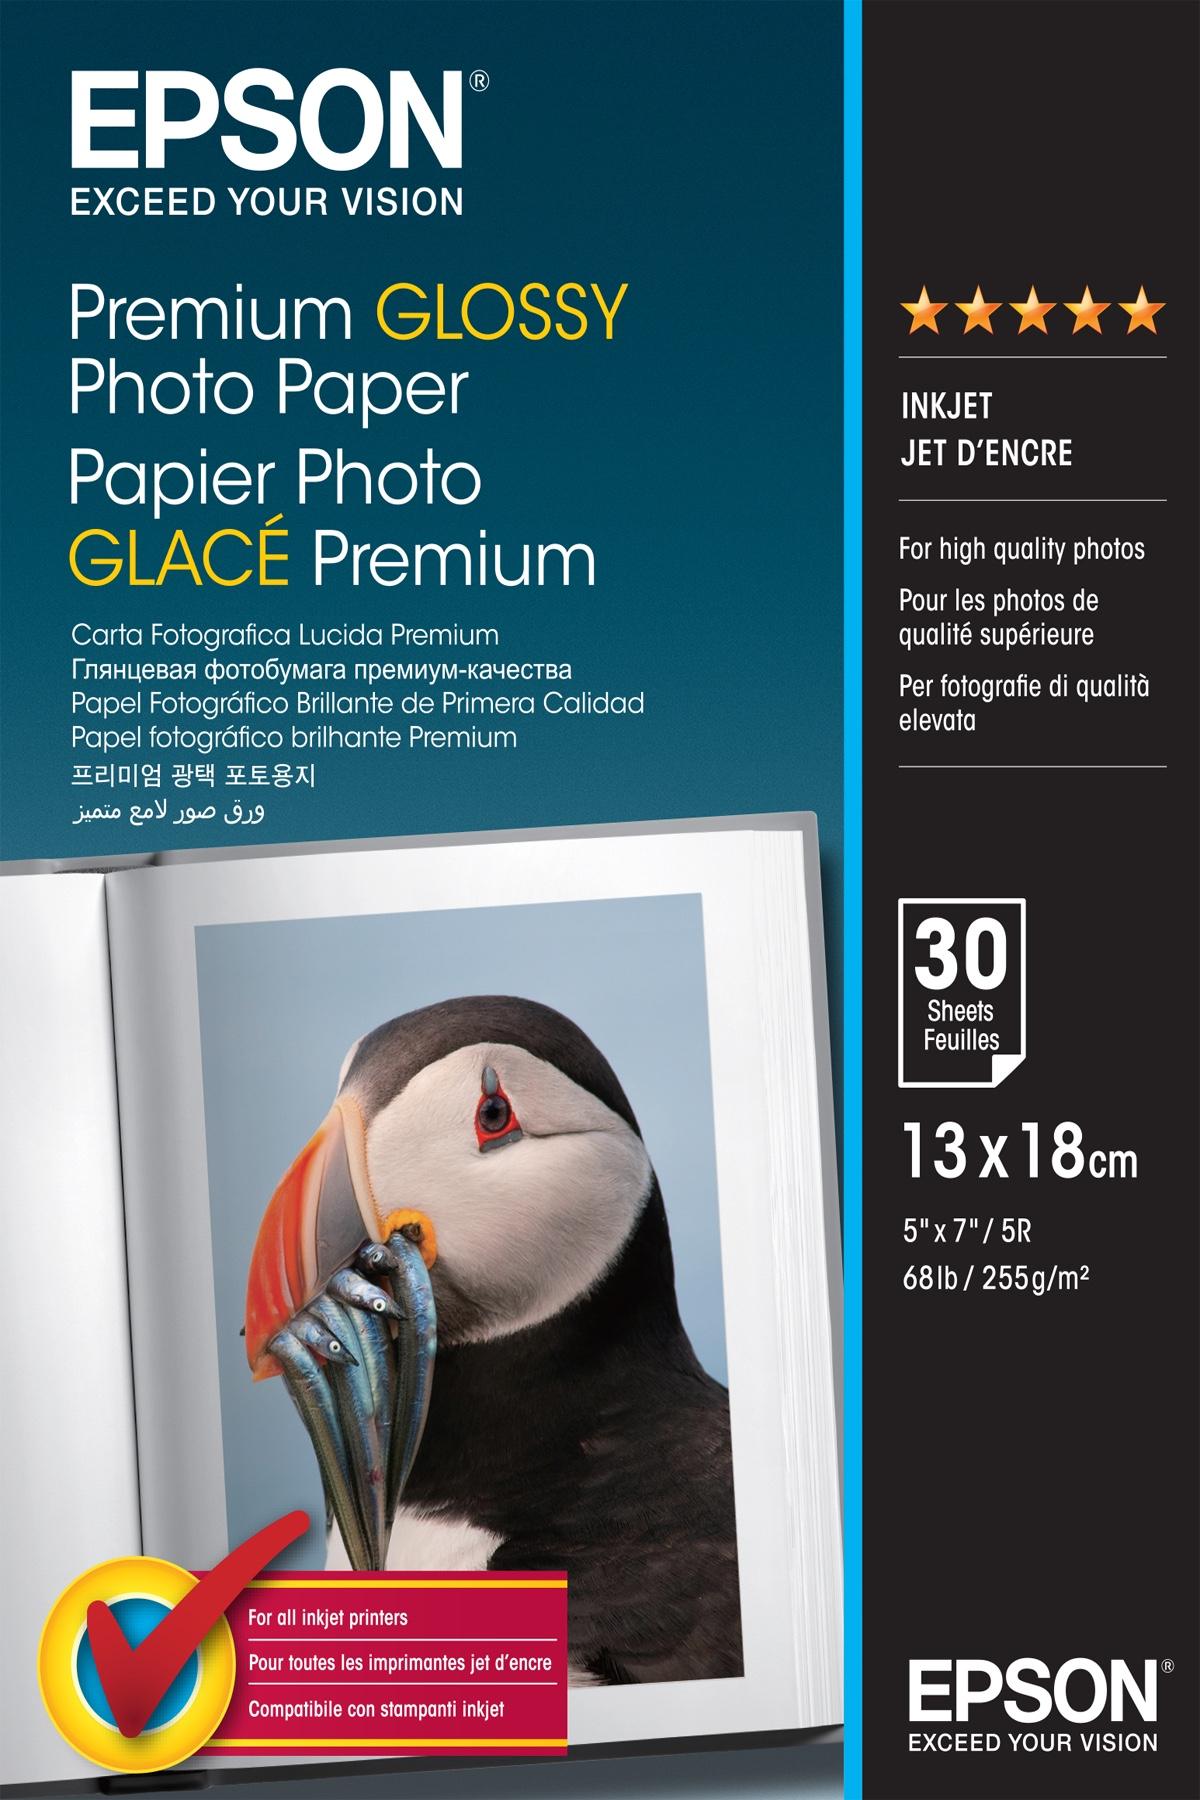 Epson Premium Glossy Photo Paper - 13x18cm - 30 Fogli